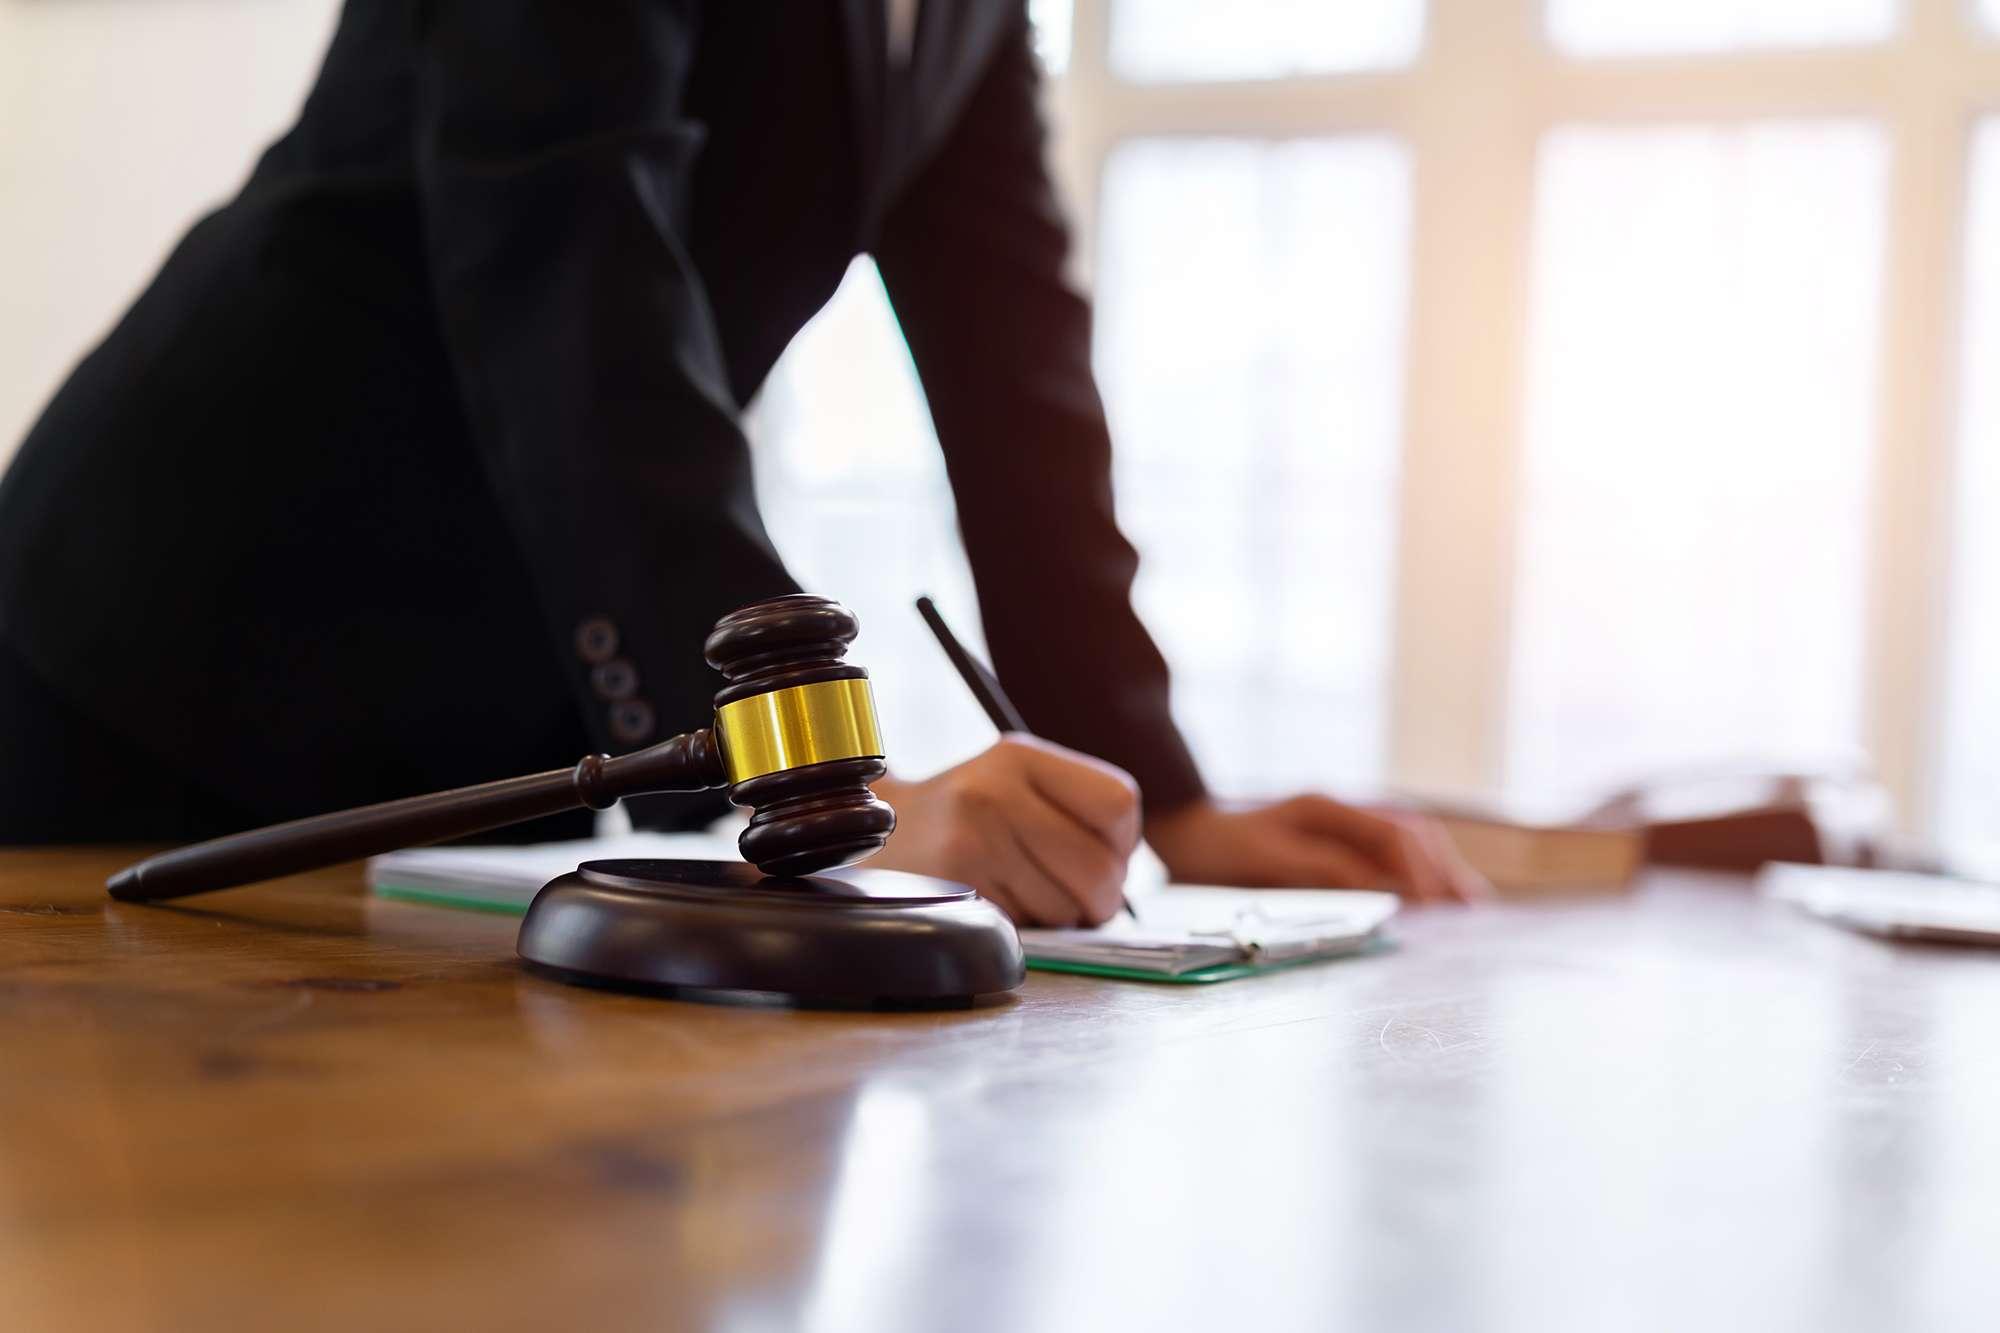 Du har rett til beskyttelse hvis du utsettes for vold eller overgrep.